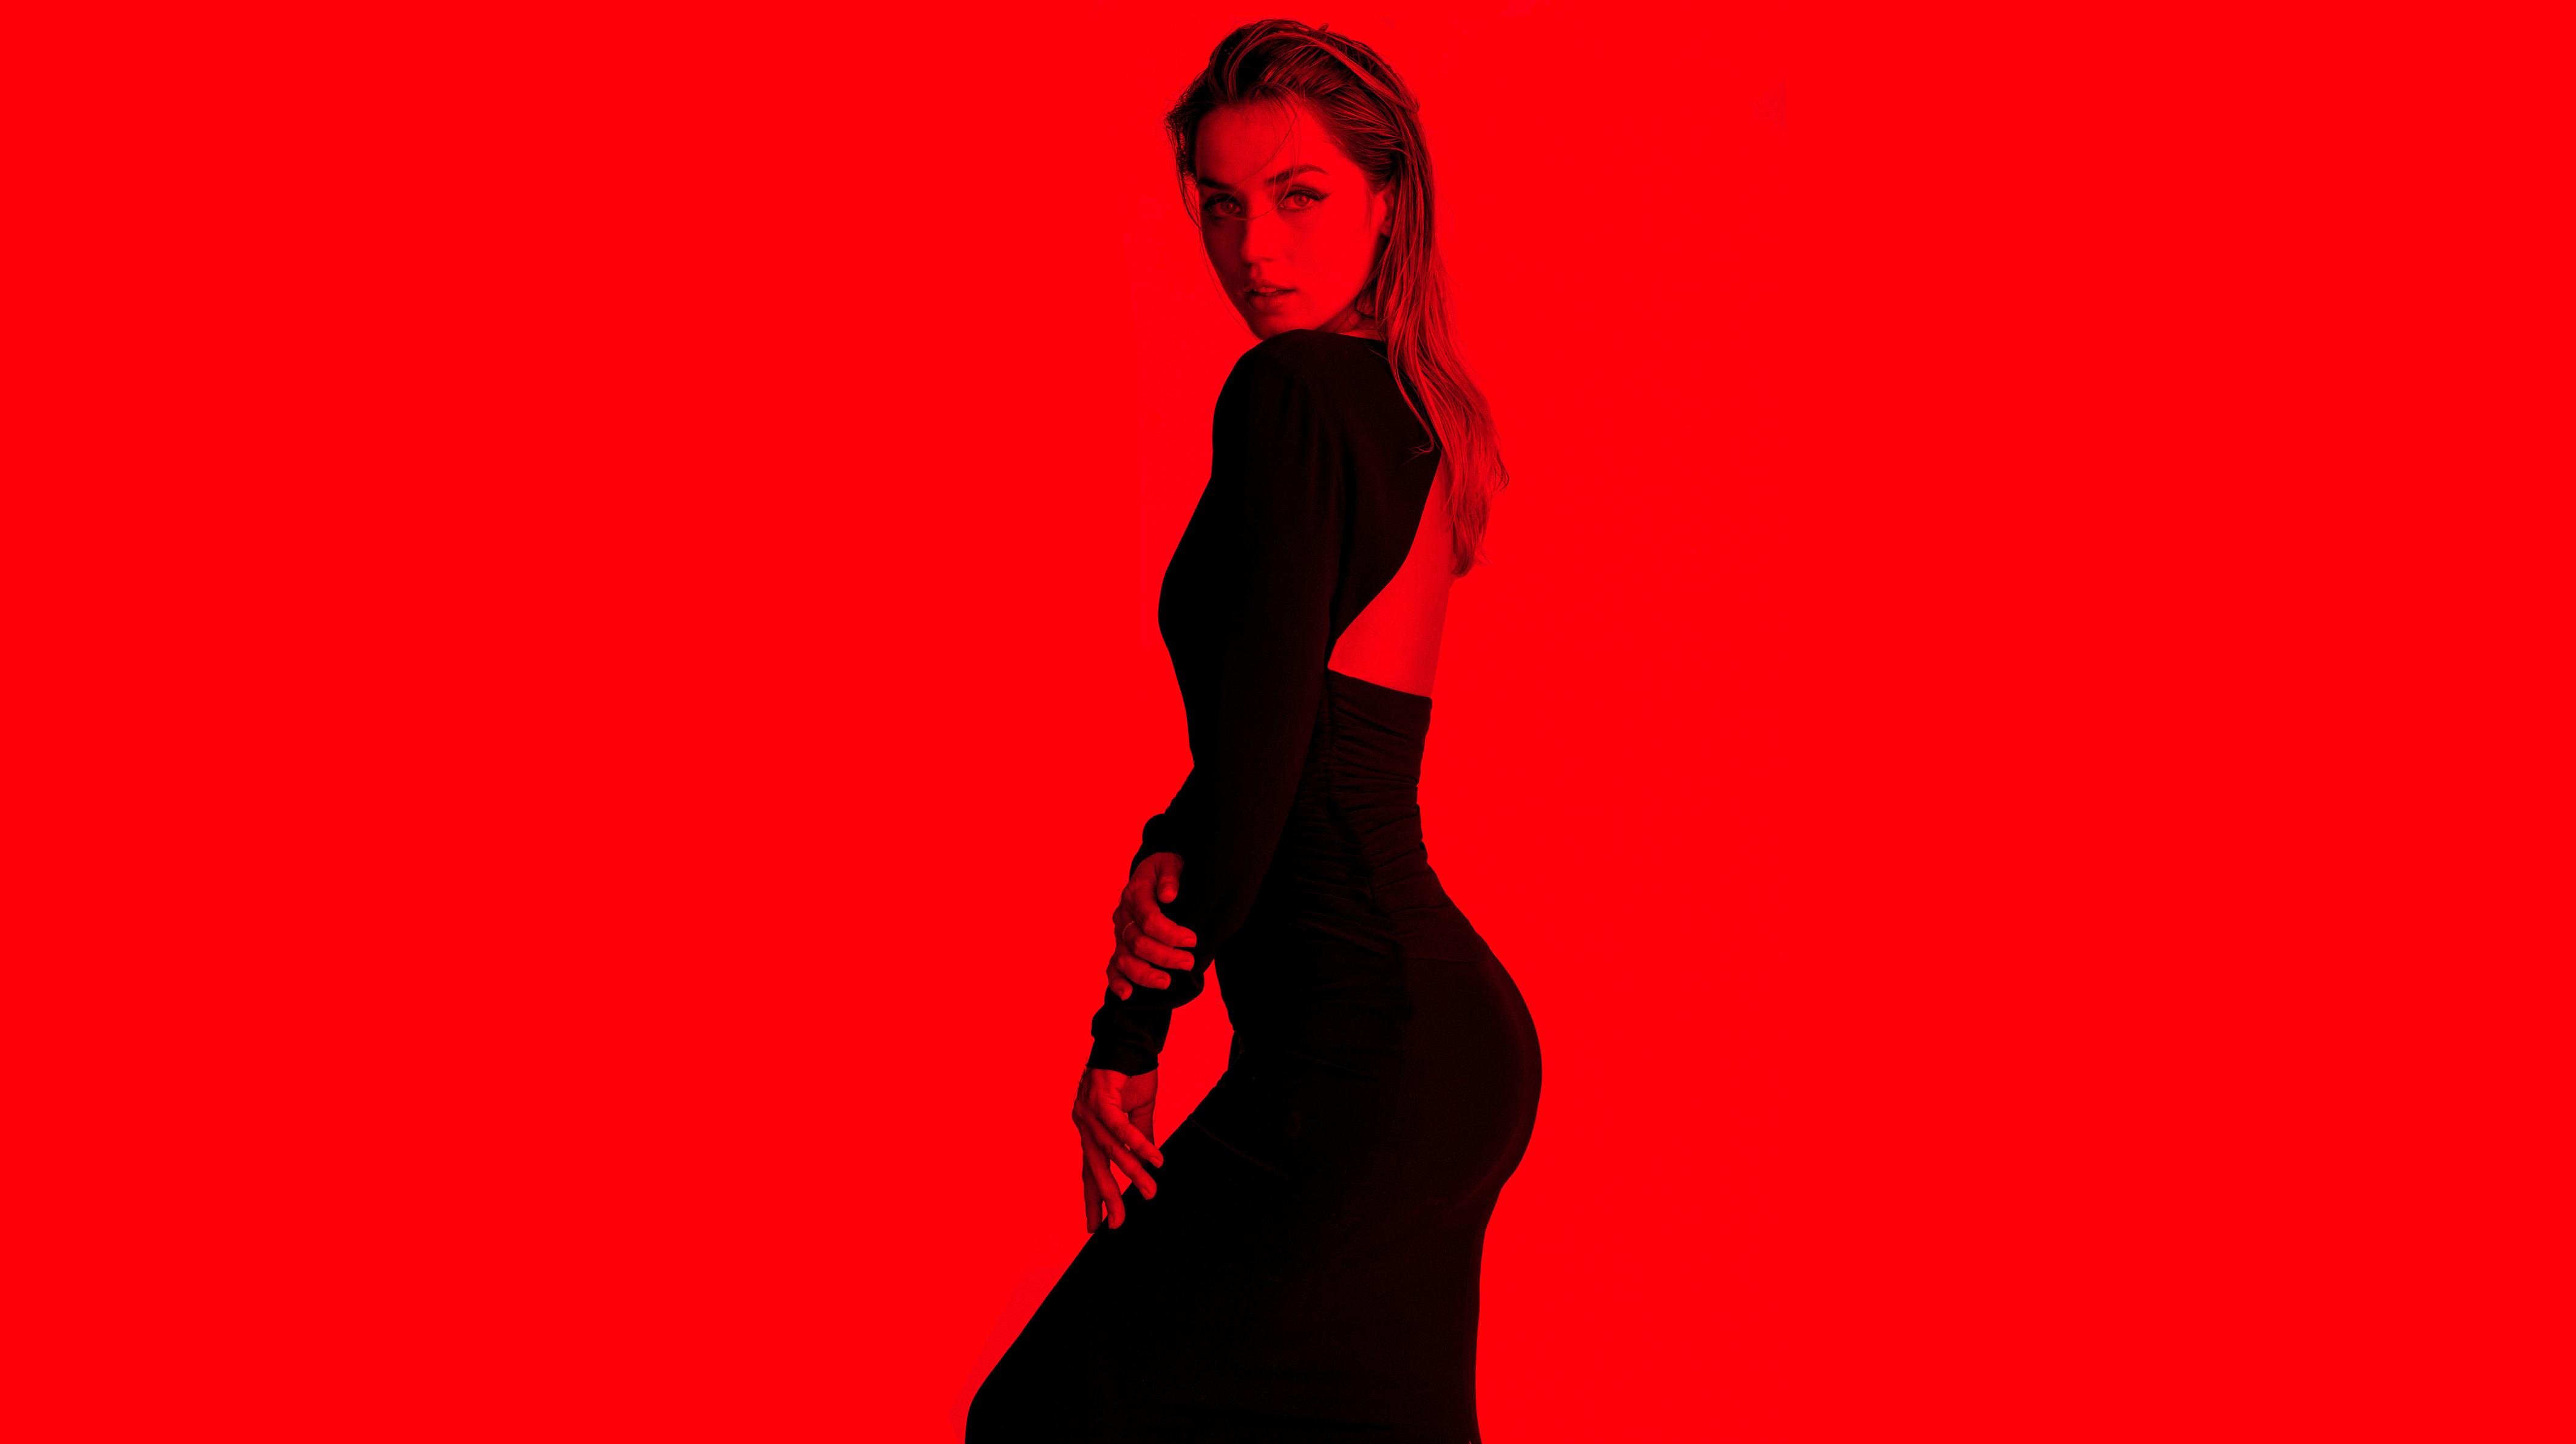 Ana de Armas 2019 Wallpaper HD Celebrities 4K Wallpapers Images 4241x2378